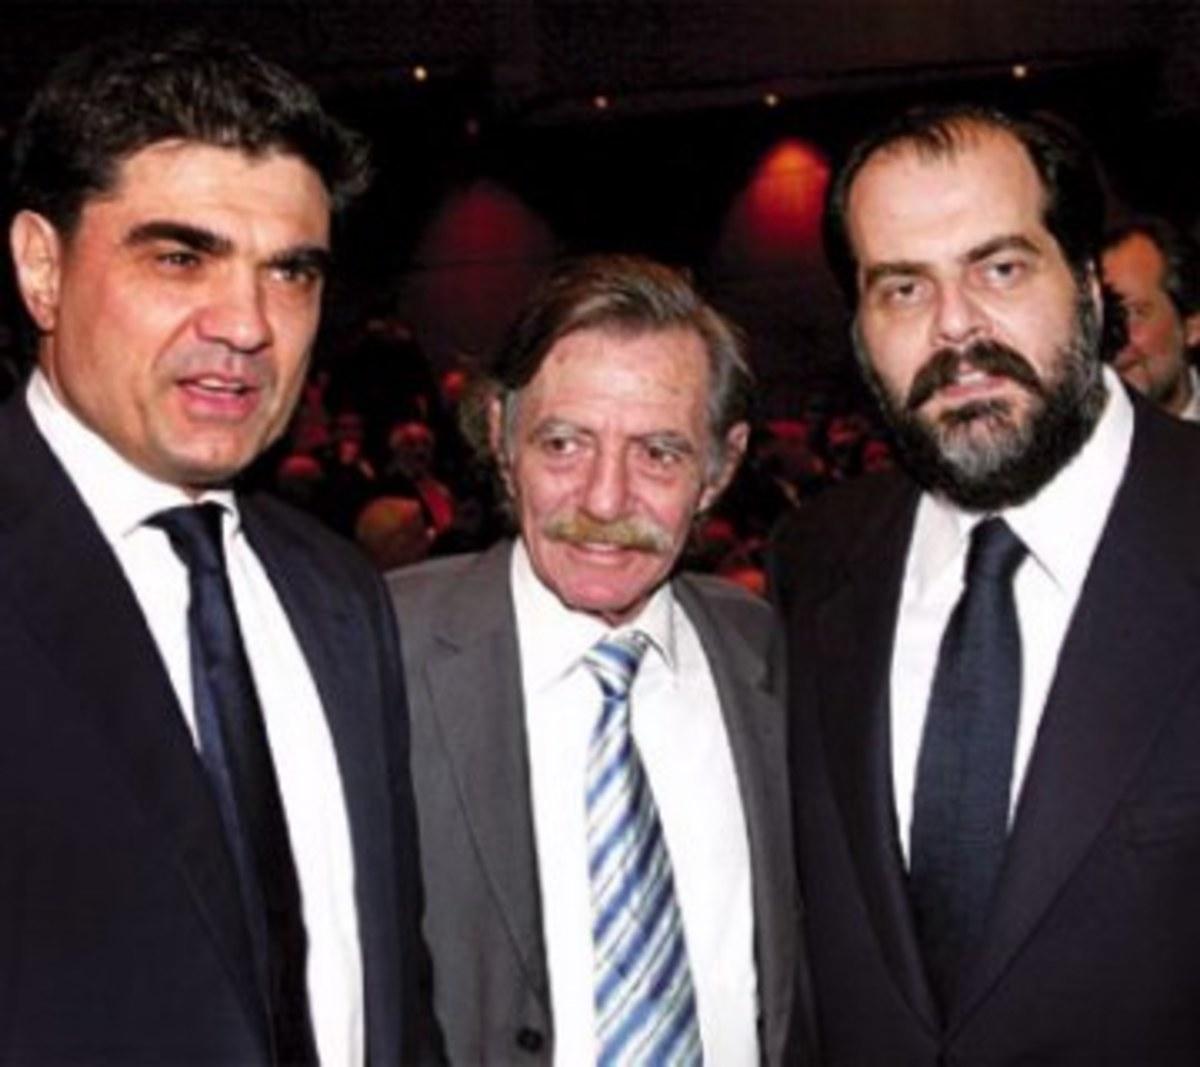 Αλληλογραφίες και αλληλομαχαιρώματα | Newsit.gr